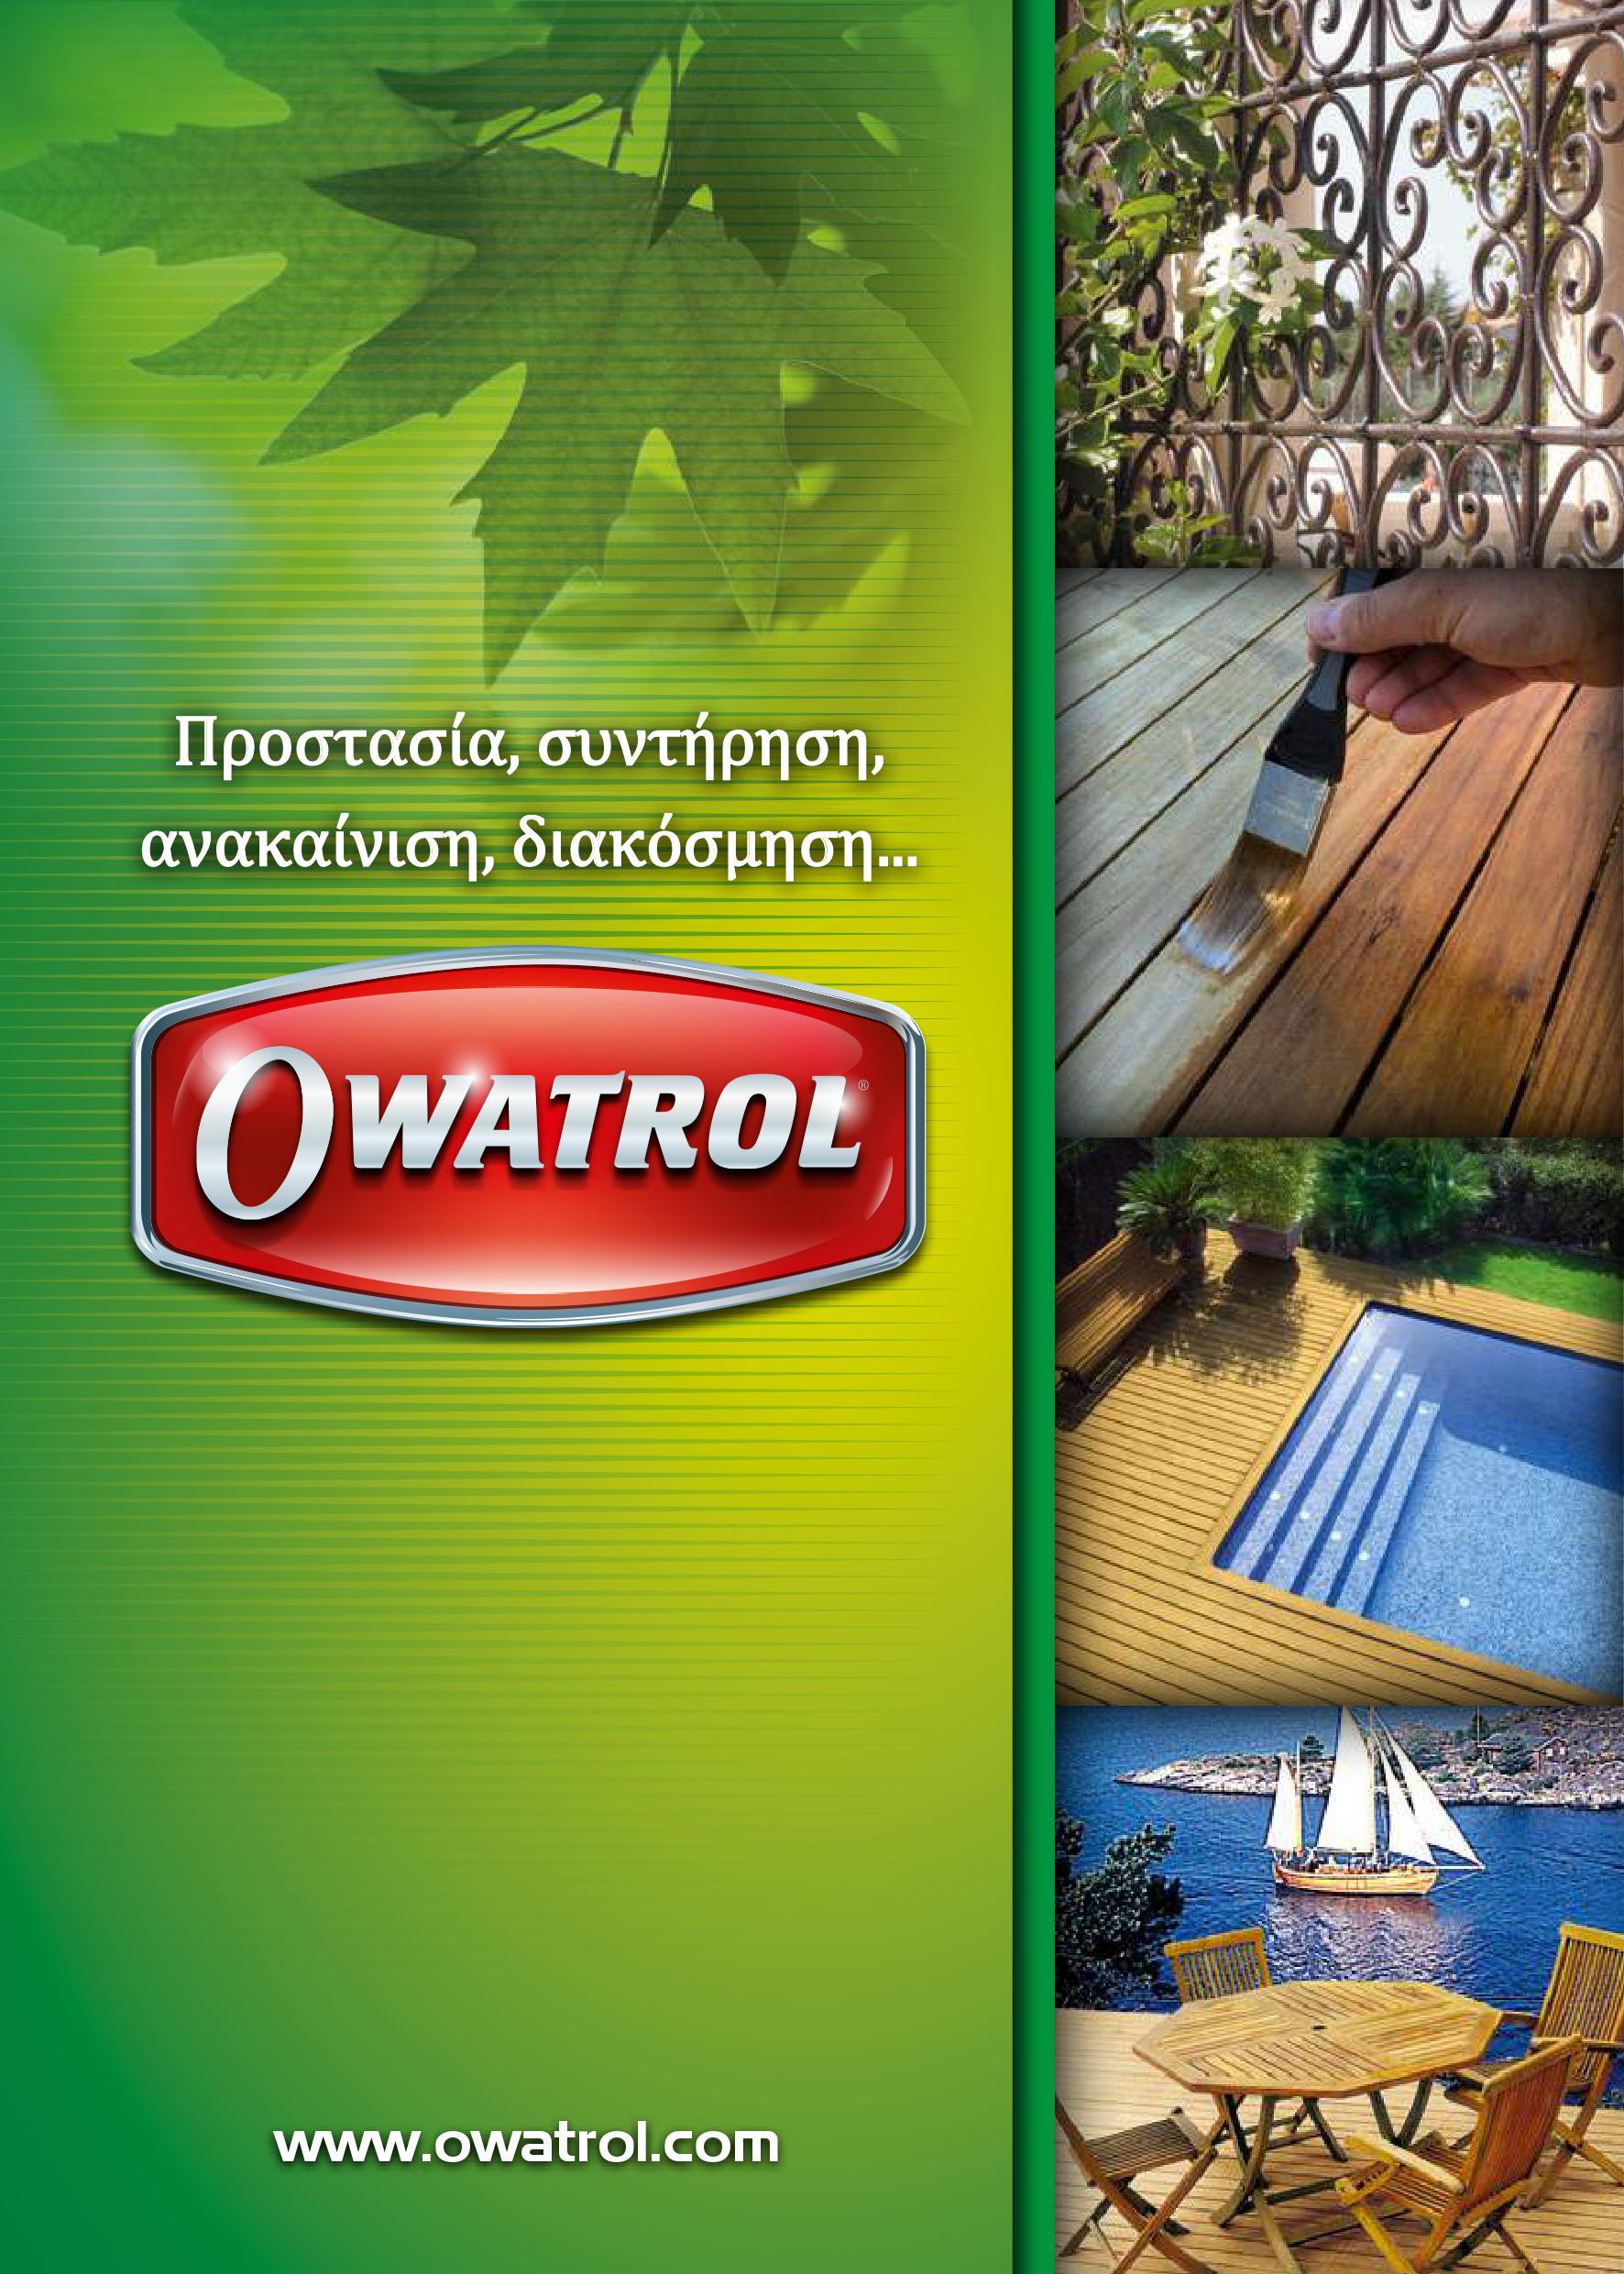 OWATROL Κατάλογος Προϊόντων